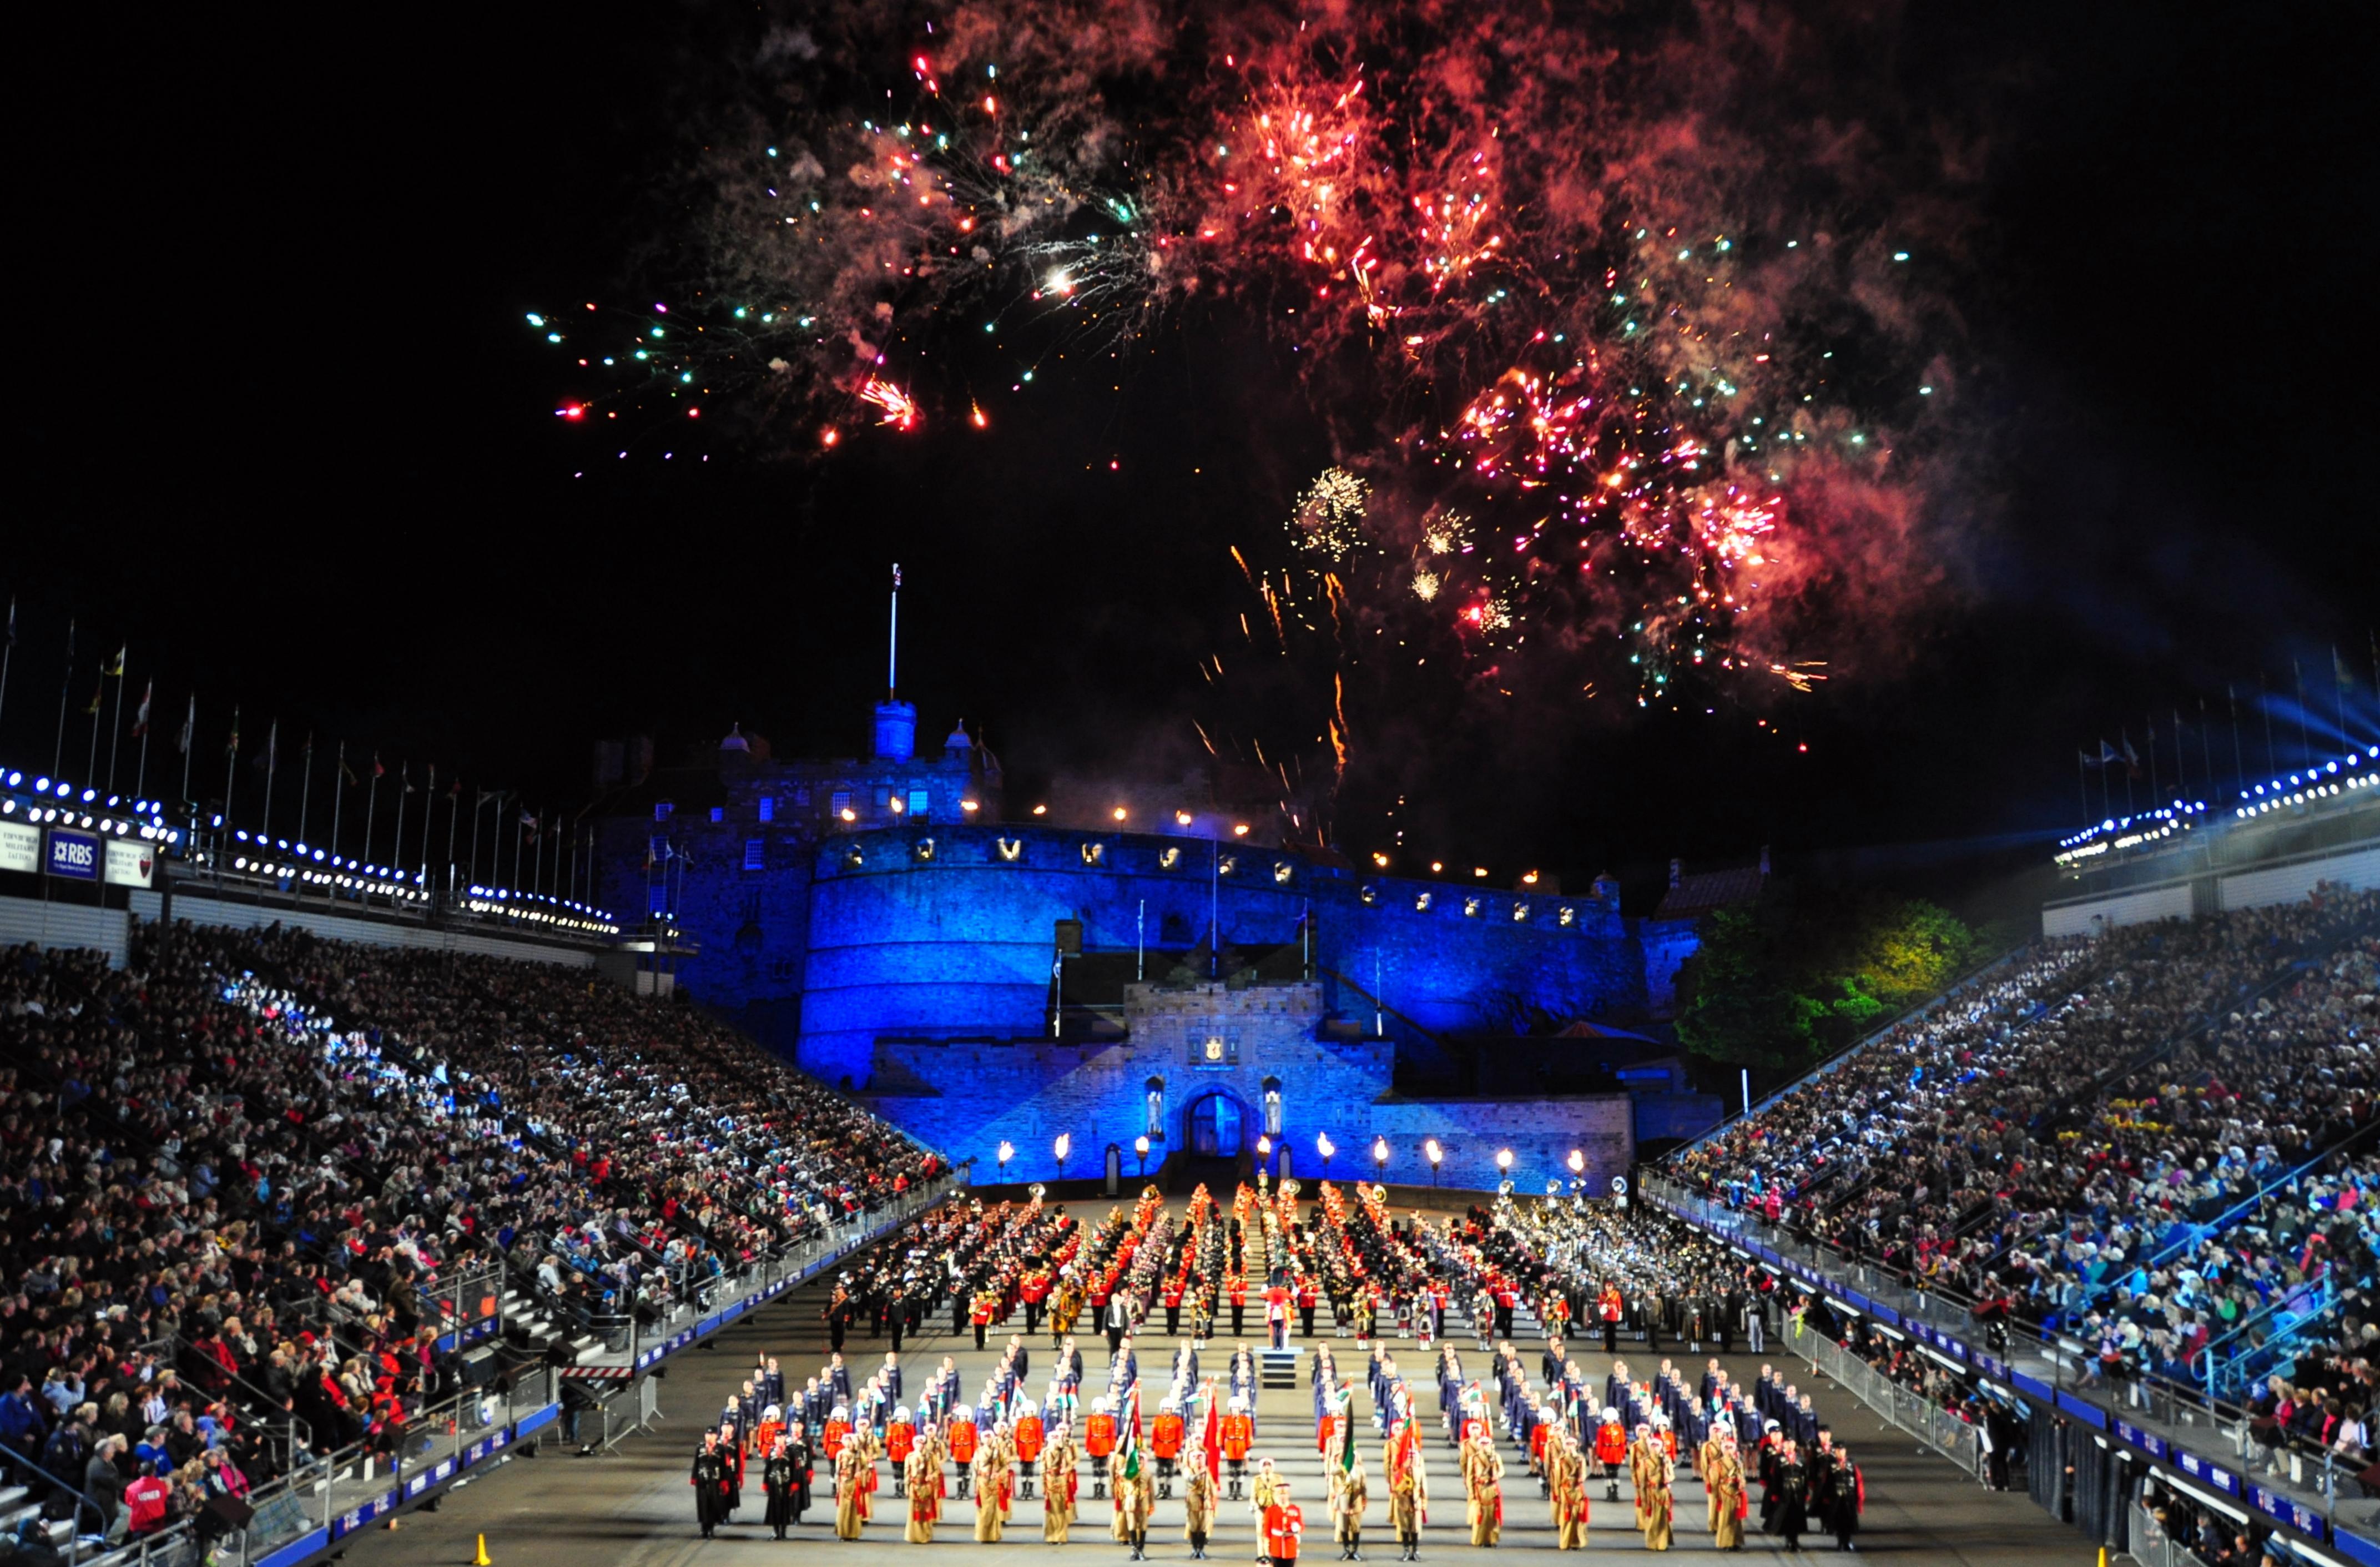 Rettie Recommends - The Edinburgh Festival | Rettie & Co Blog